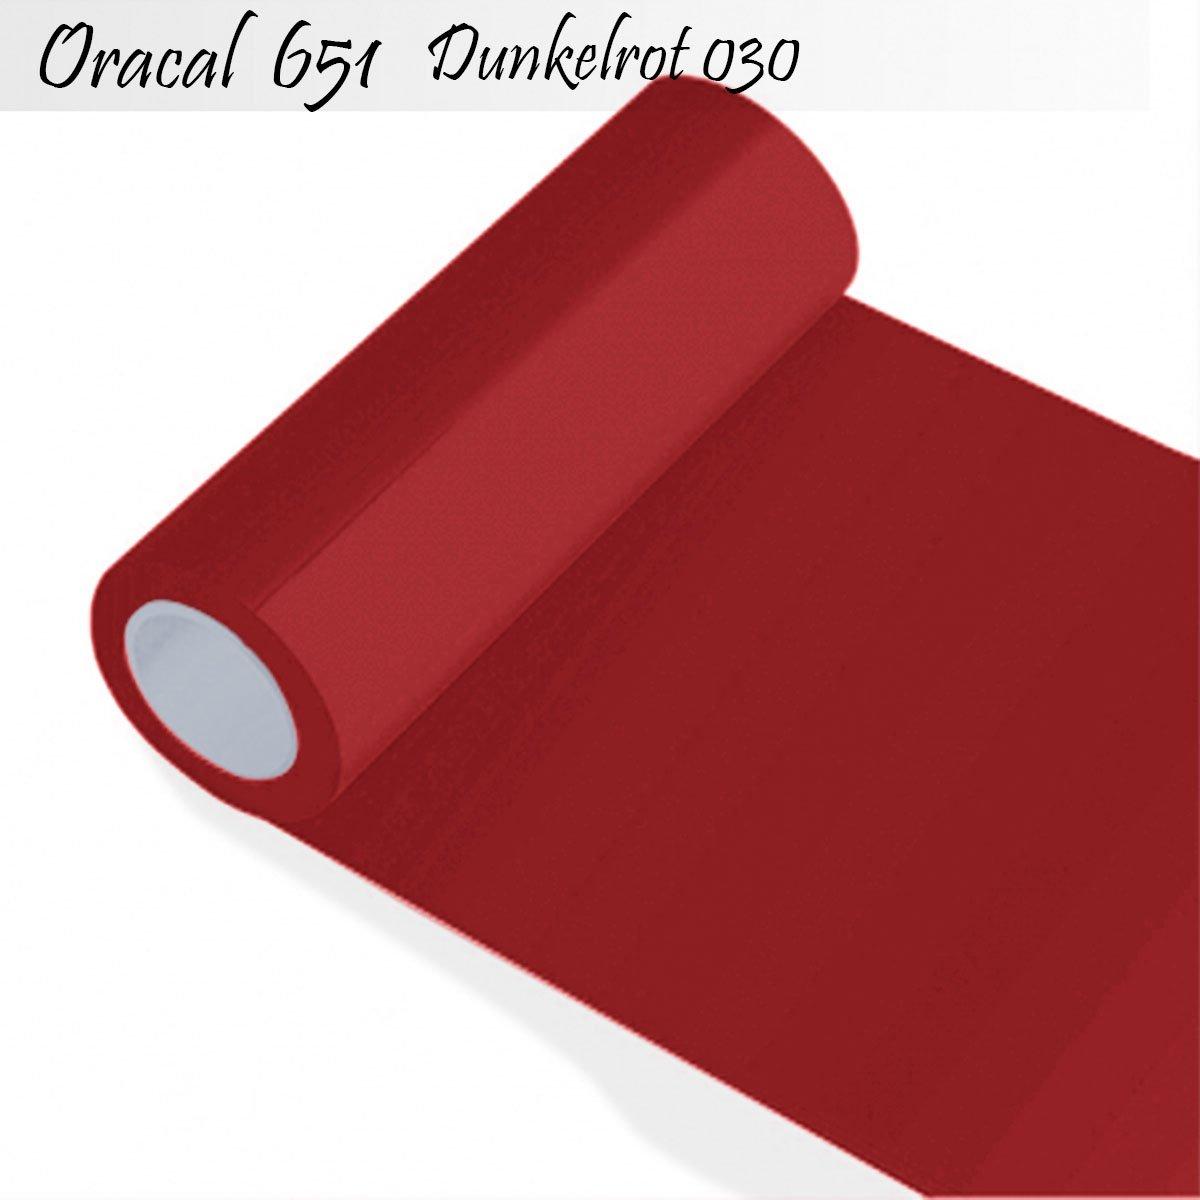 Oracal 651 651 651 - Orafol Folie 10m (Laufmeter) freie Farbwahl 55 glänzende Farben - glanz in 4 Größen, 63 cm Folienhöhe - Farbe 70 - schwarz B00TRTEIDA Wandtattoos & Wandbilder 8626c9